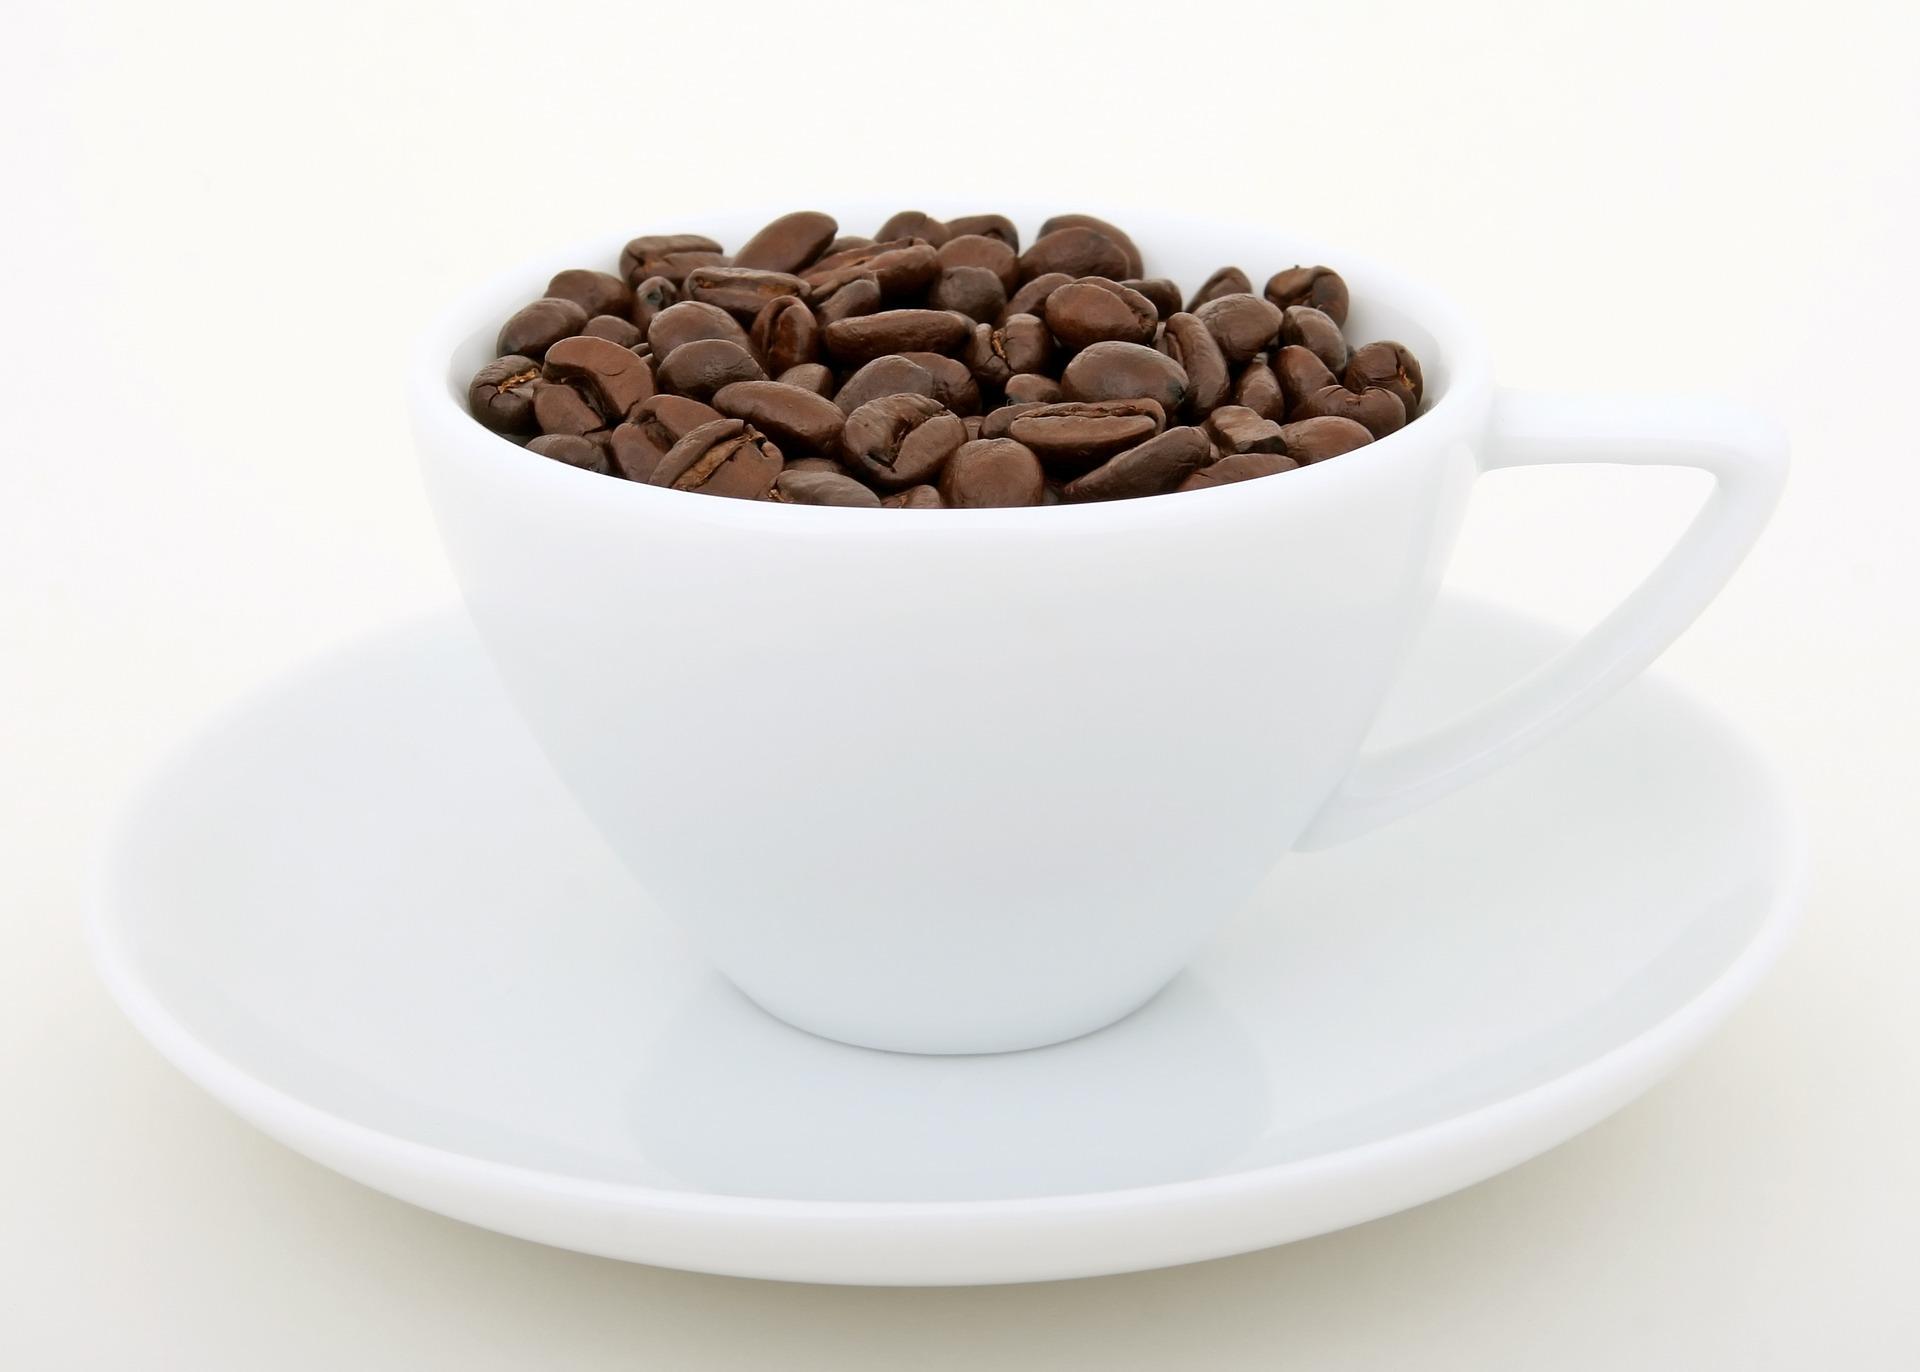 cafea fericită pierdere în greutate pierdeți în greutate în lebanon